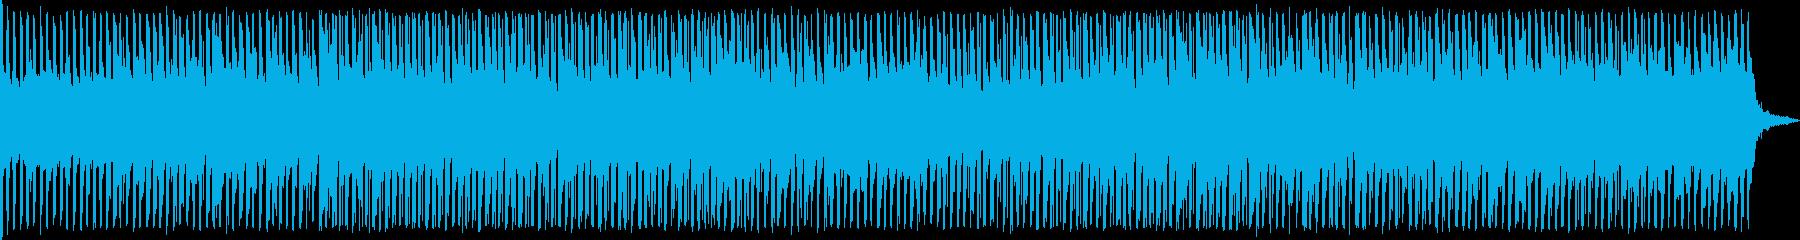 冷静になる。シーケンサー。の再生済みの波形